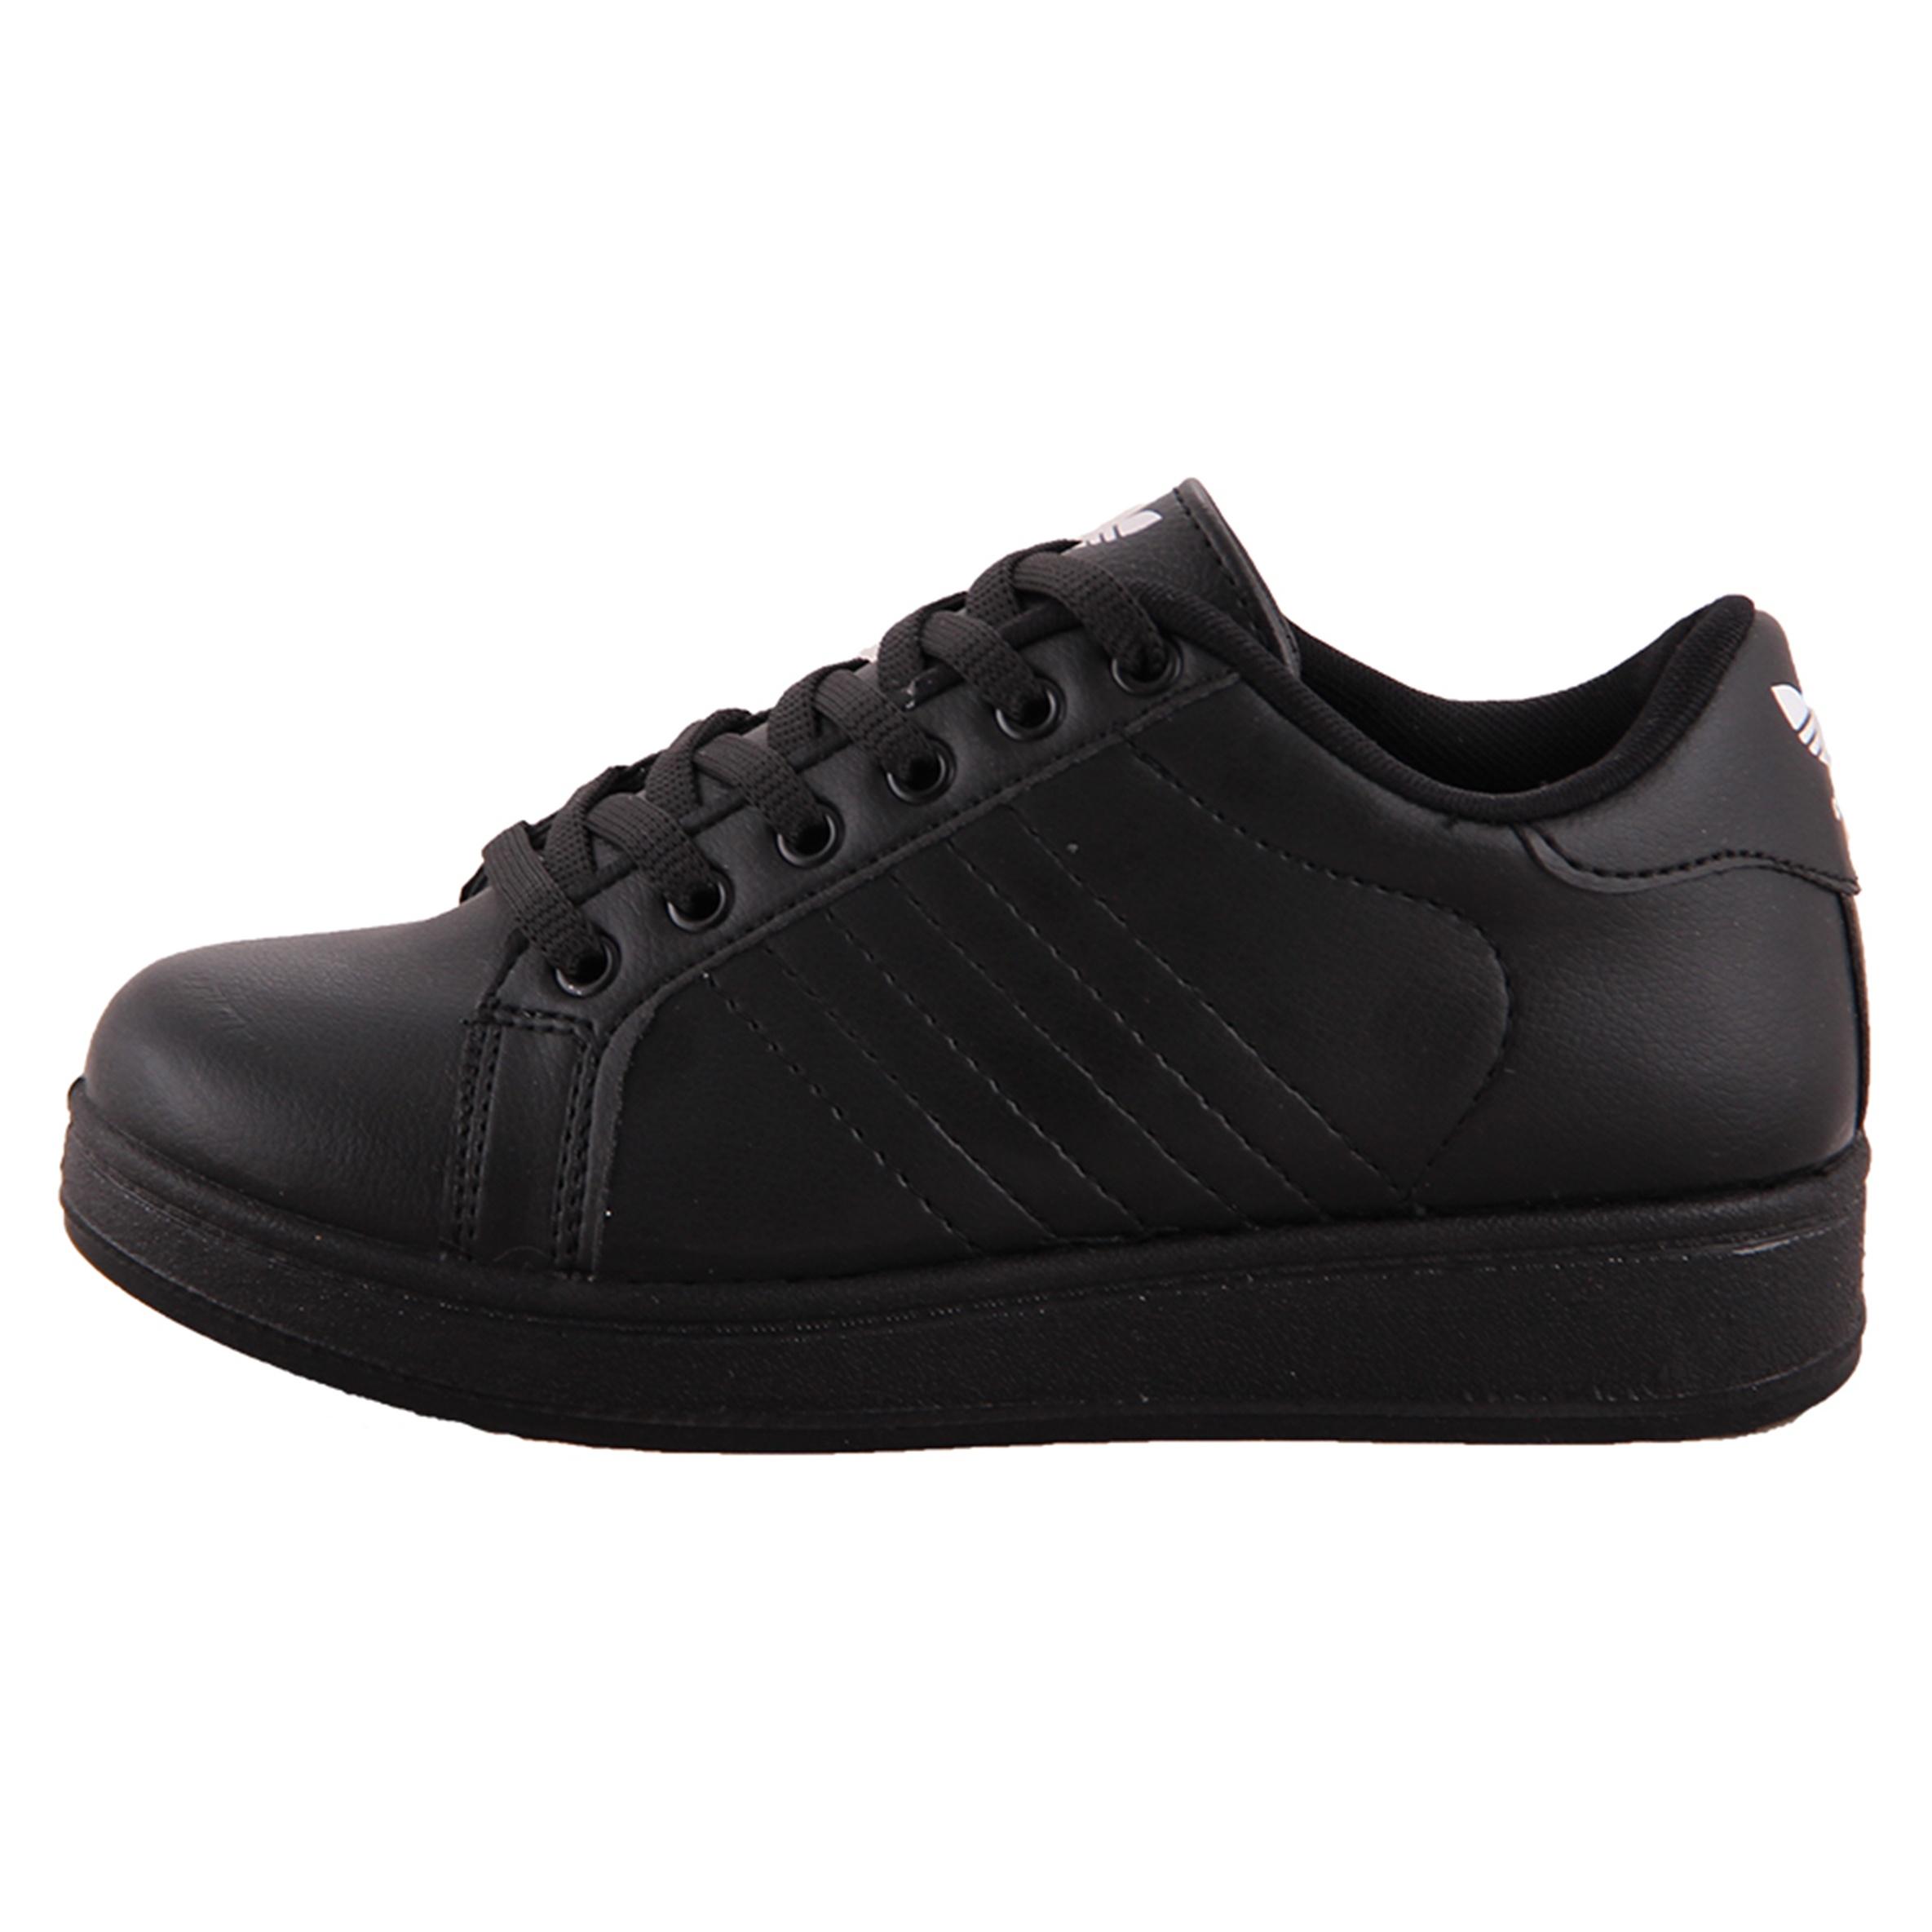 کفش مخصوص پیاده روی زنانه کد 1-39791